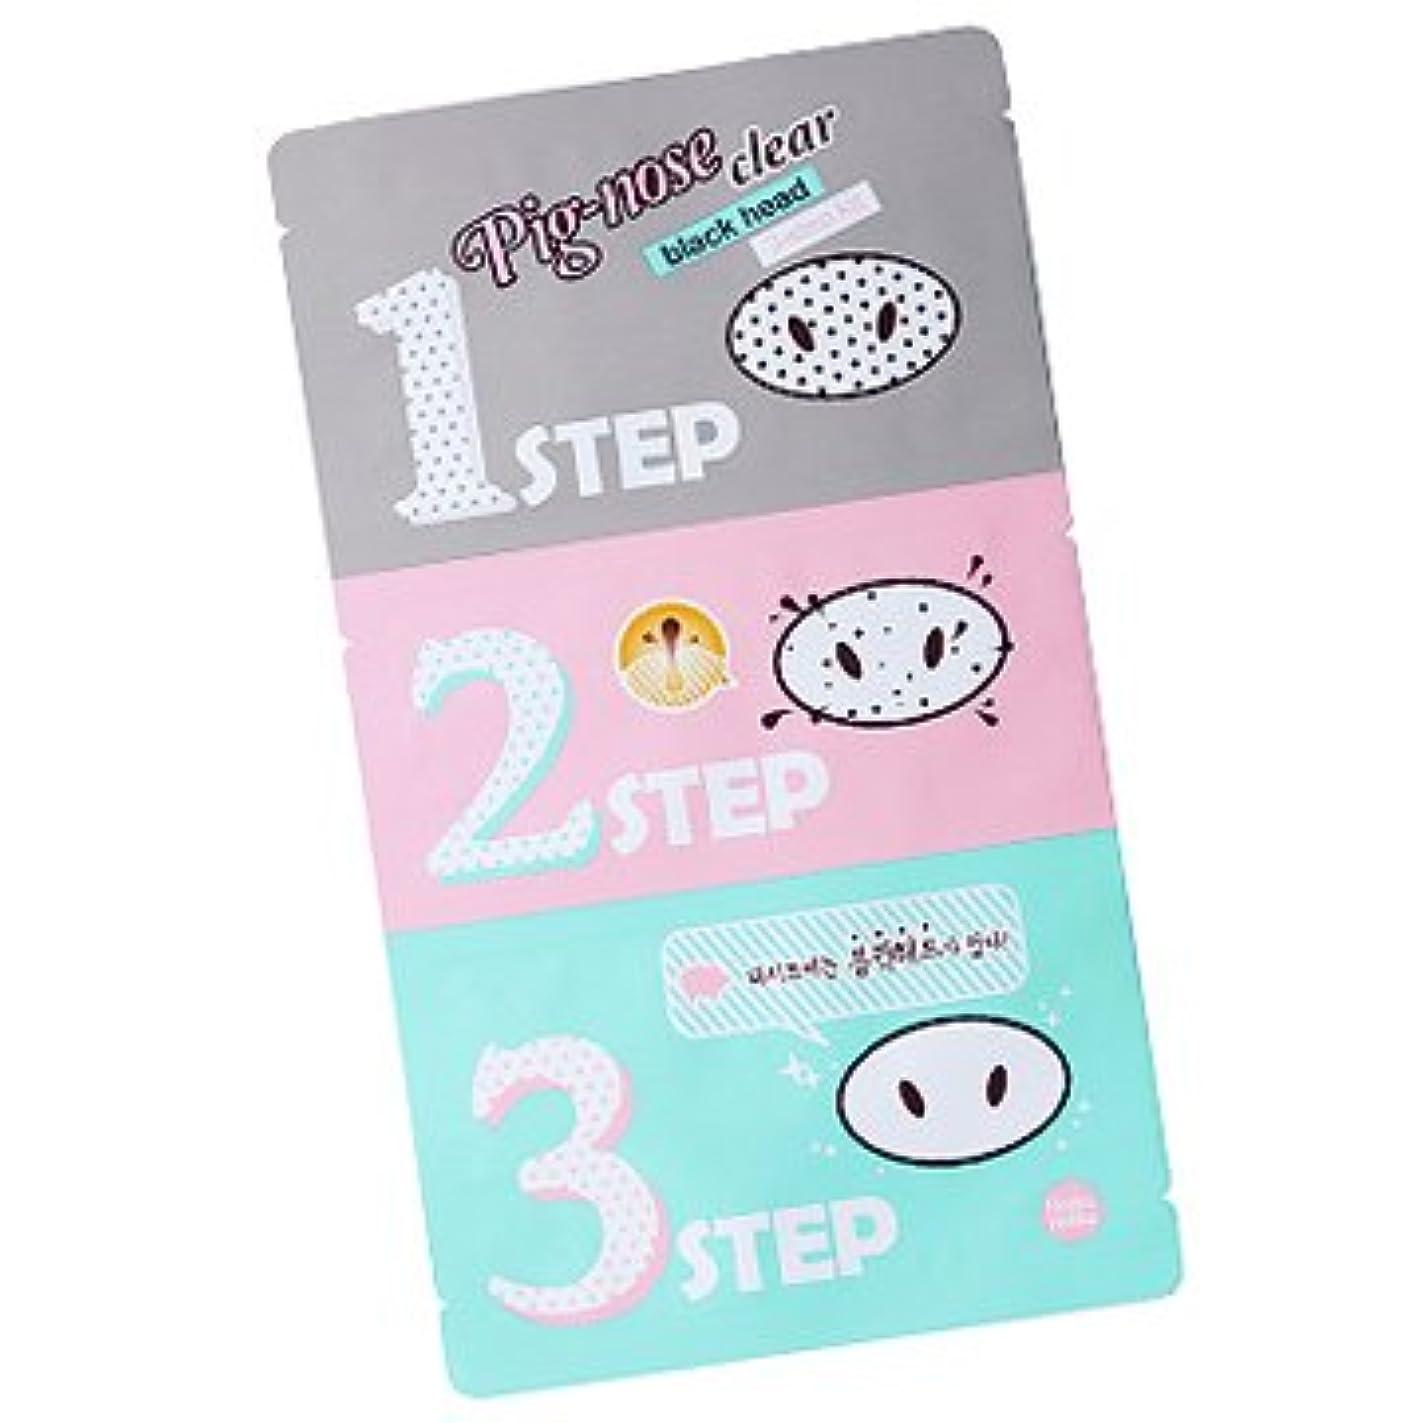 浸食かりてに変わるHolika Holika Pig Nose Clear Black Head 3-Step Kit 10EA (Nose Pack) ホリカホリカ ピグノーズクリアブラックヘッド3-Stepキット(鼻パック) 10pcs...